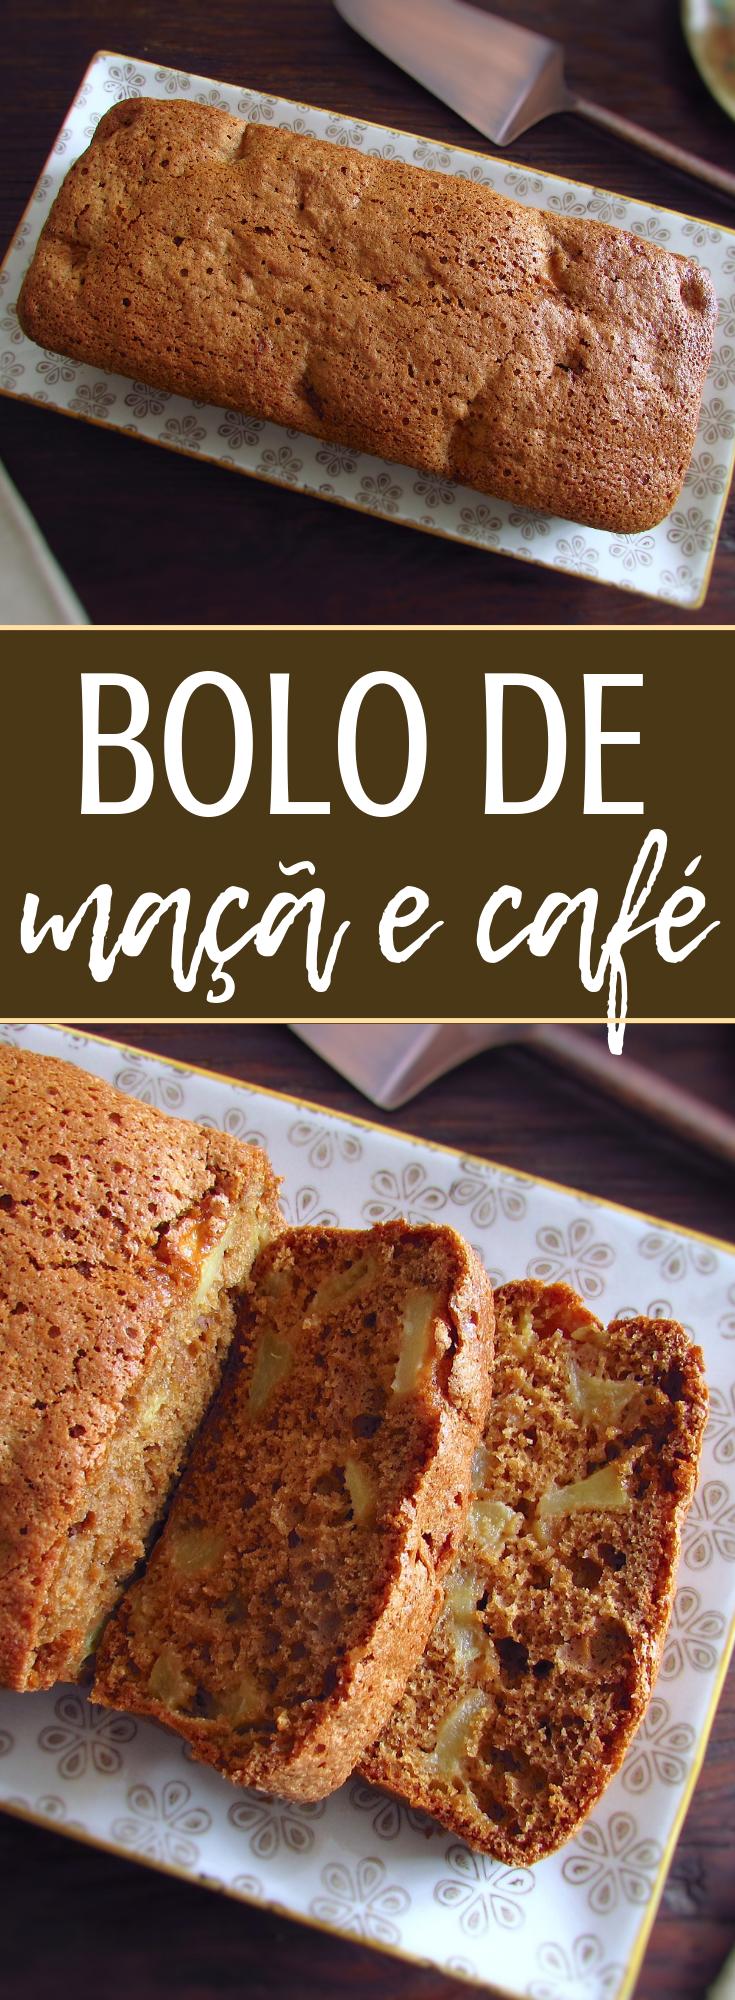 Photo of Bolo de maçã e café   Food From Portugal